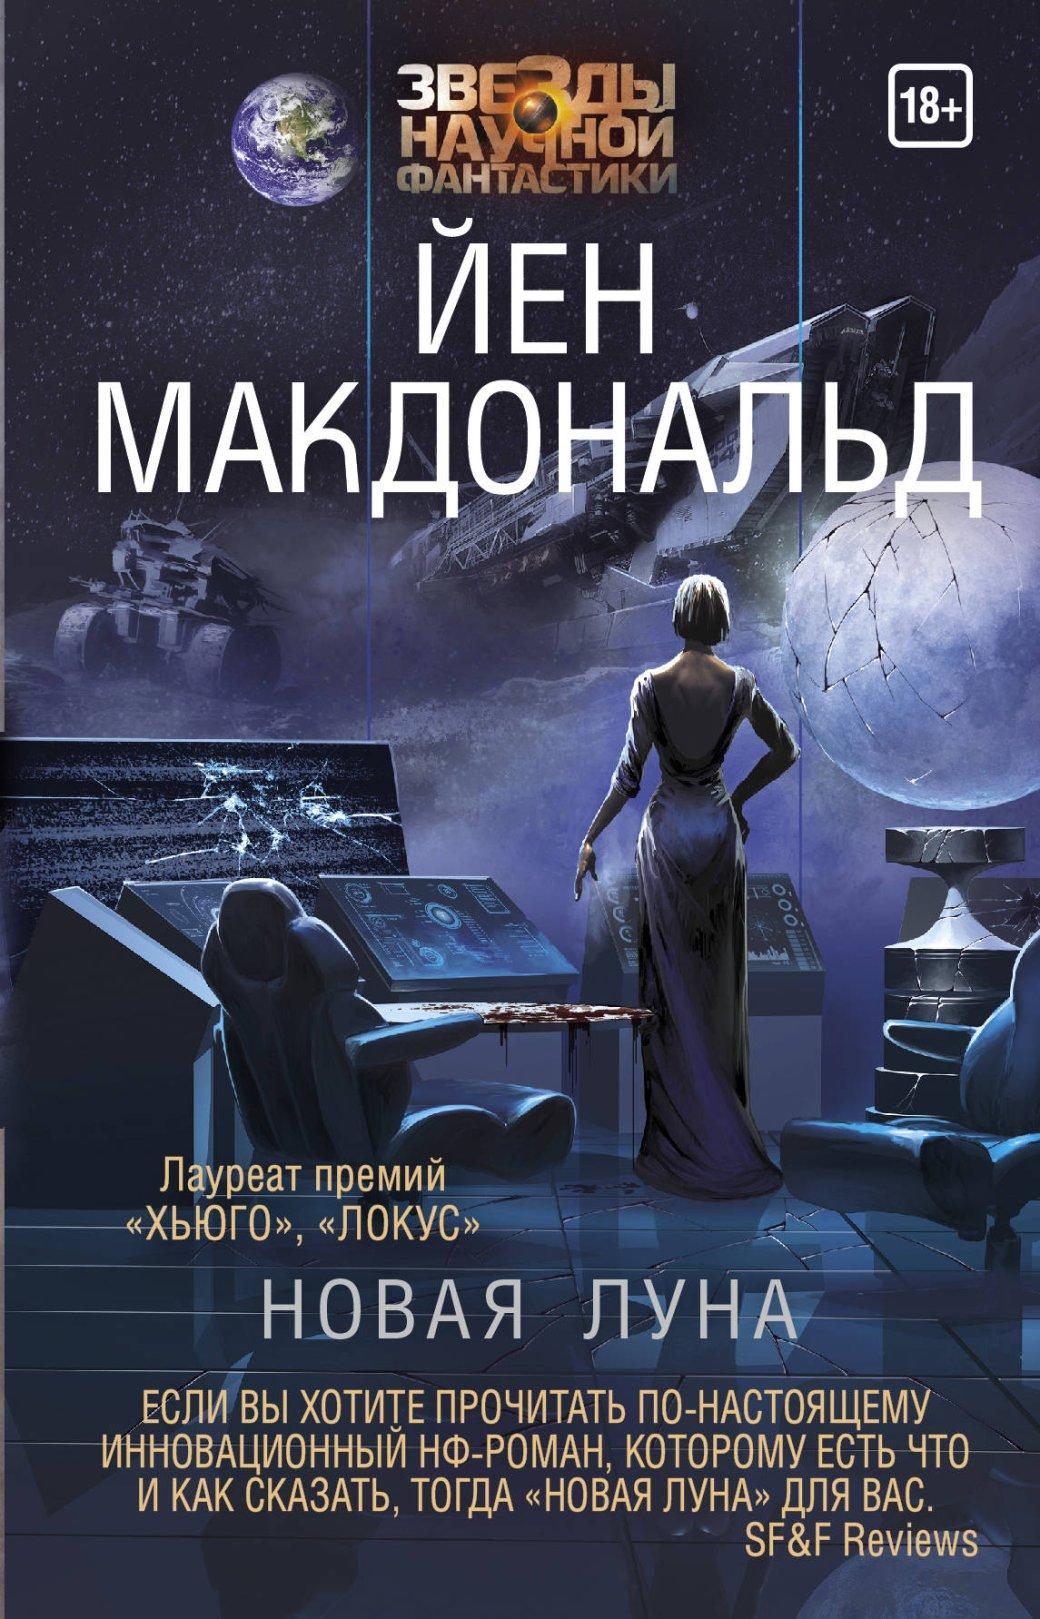 Свежие фантастические книги опокорении иисследовании Луны | Канобу - Изображение 1423